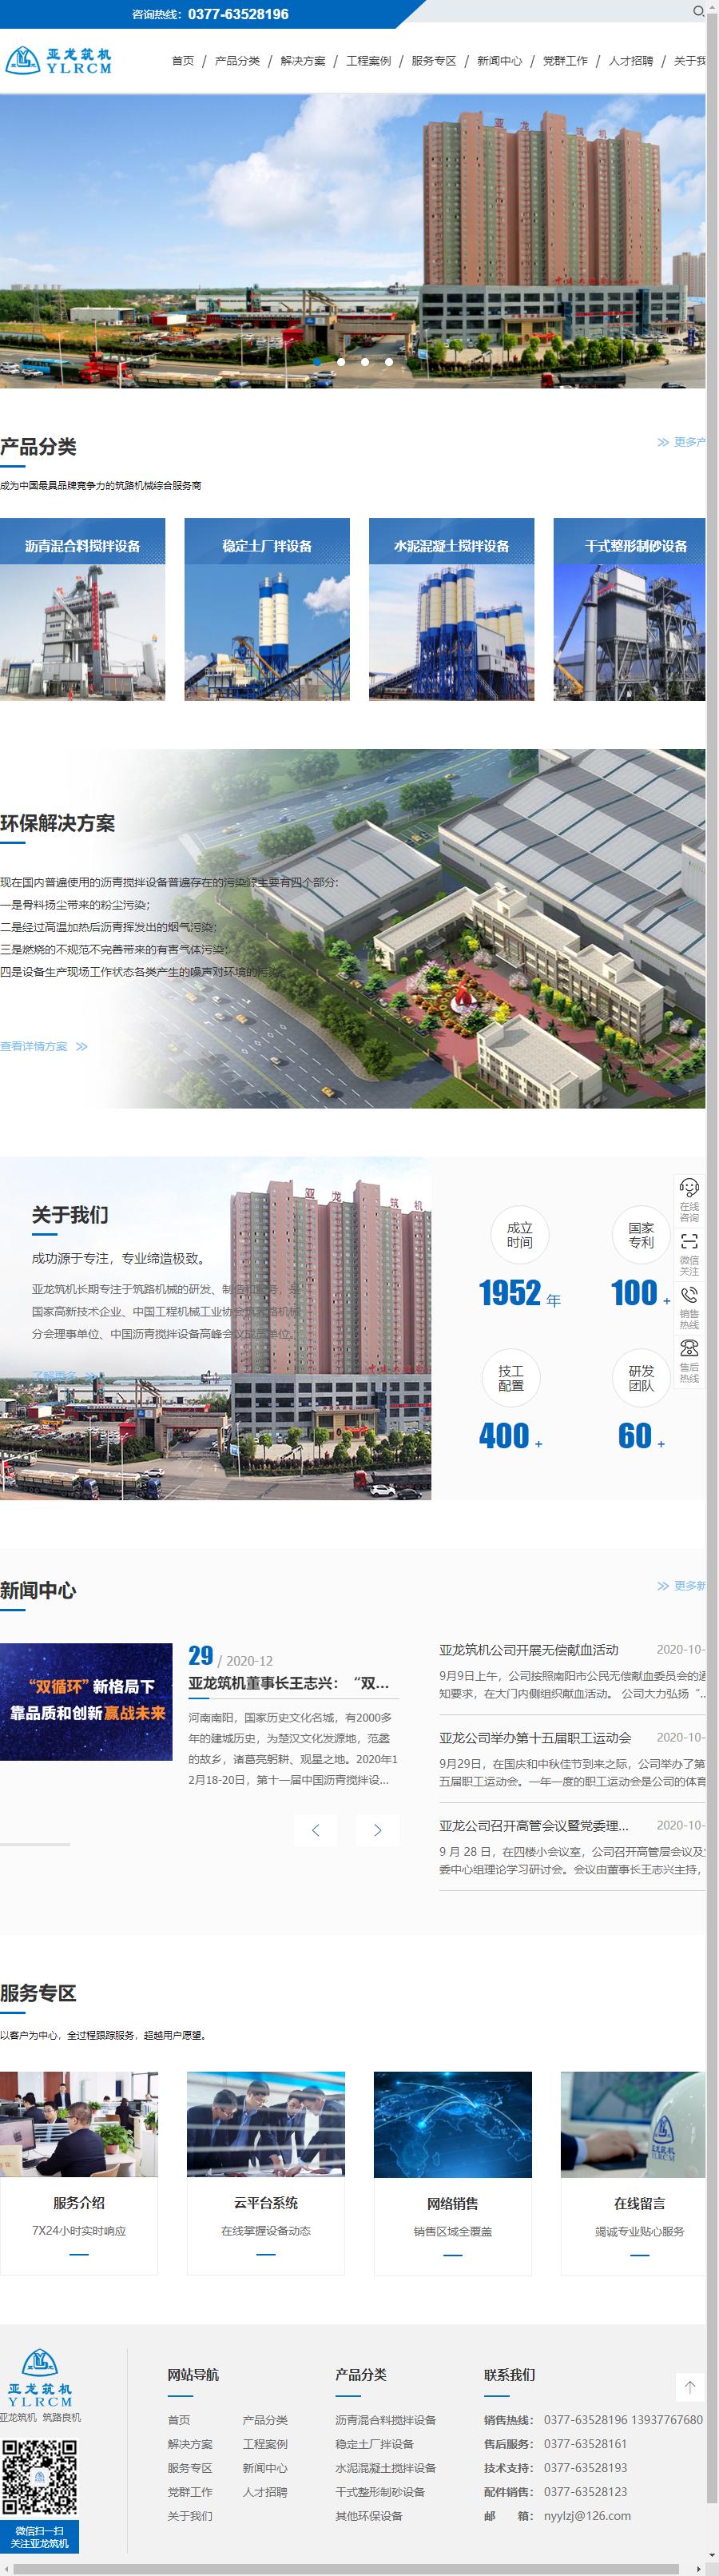 南阳市亚龙筑路机械制造有限公司网站案例